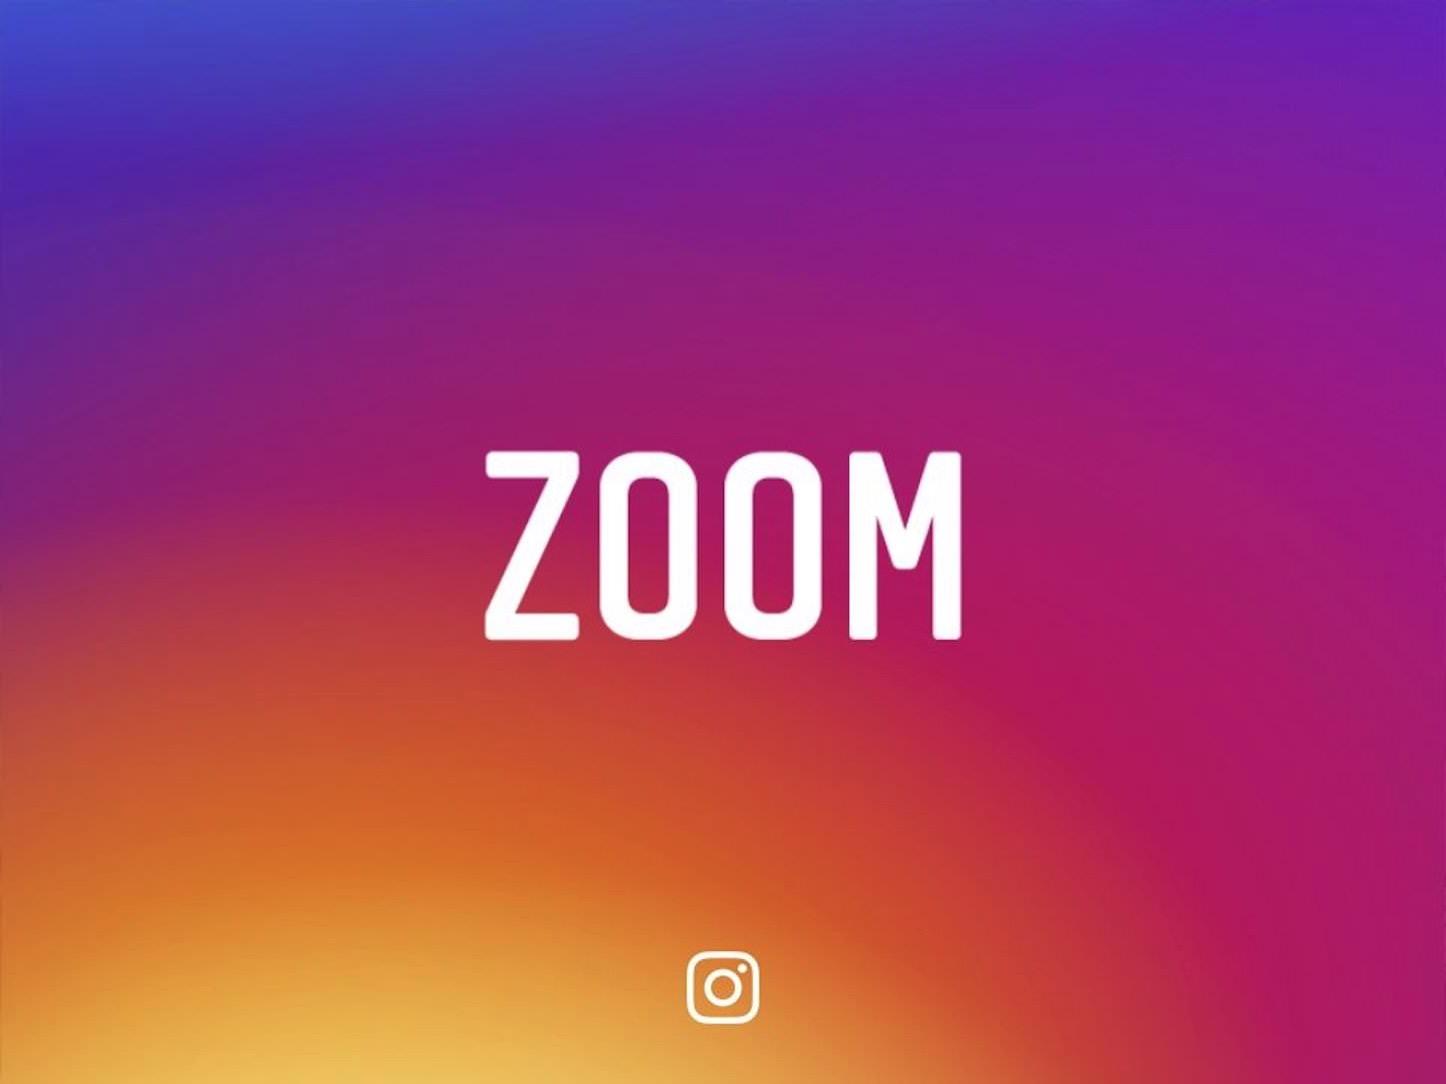 instagram-zoom-is-now-capable.jpg